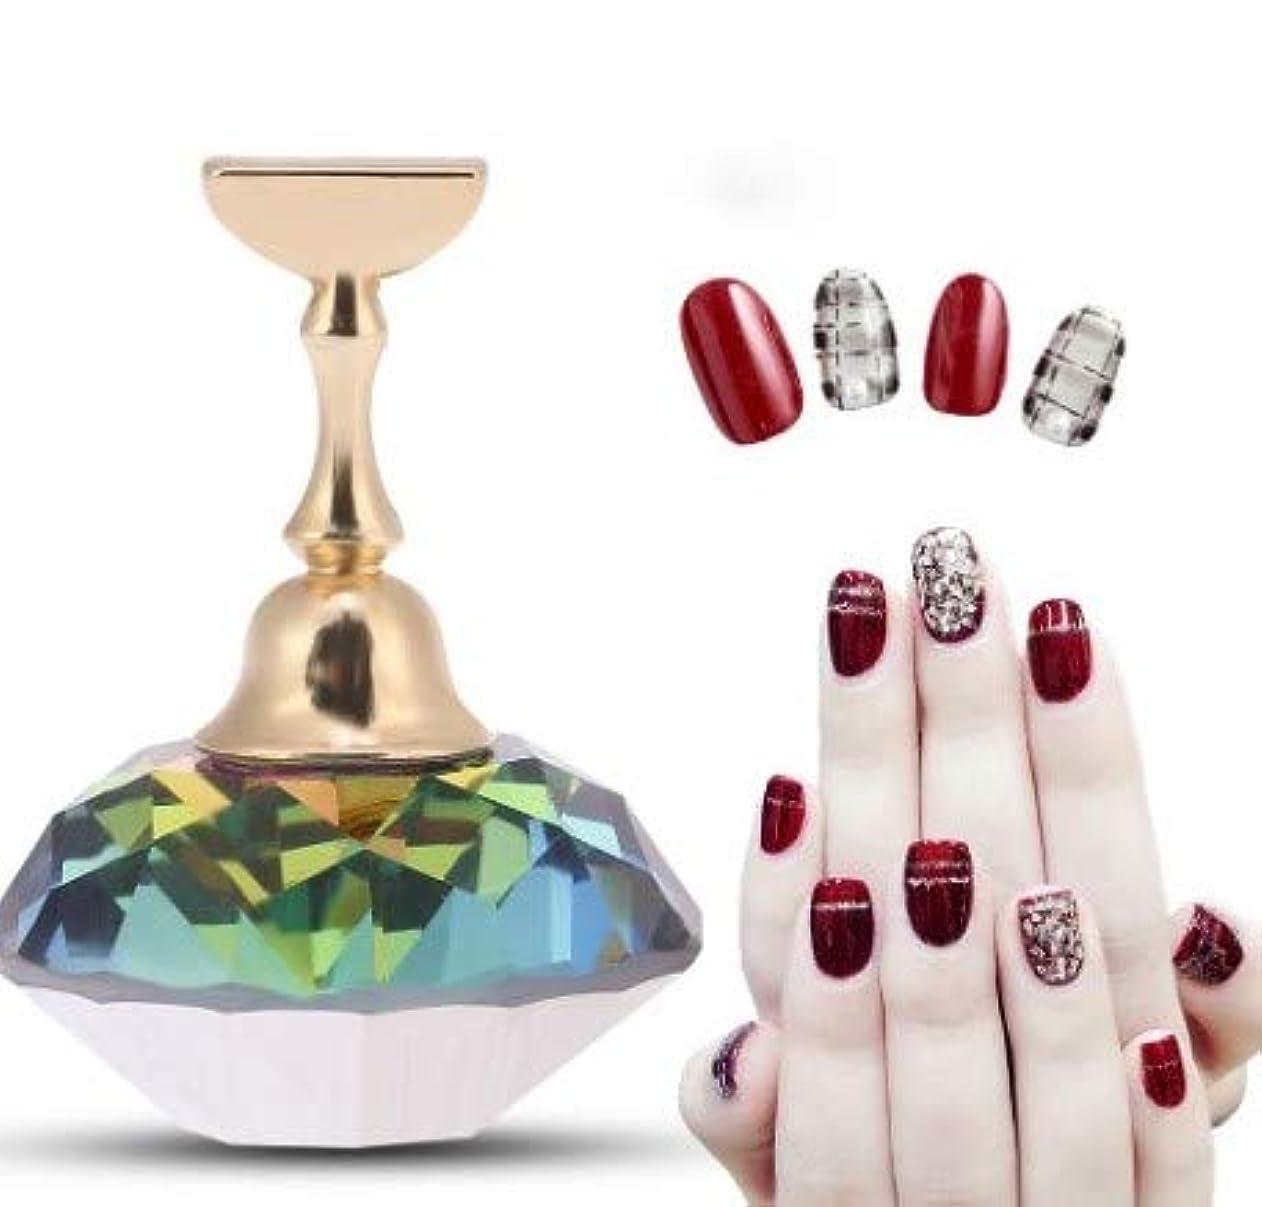 仲介者翻訳損傷磁気ネイルチップ練習ネイルアートディスプレイスタンド(#3 Colorful Diamond Crystal)